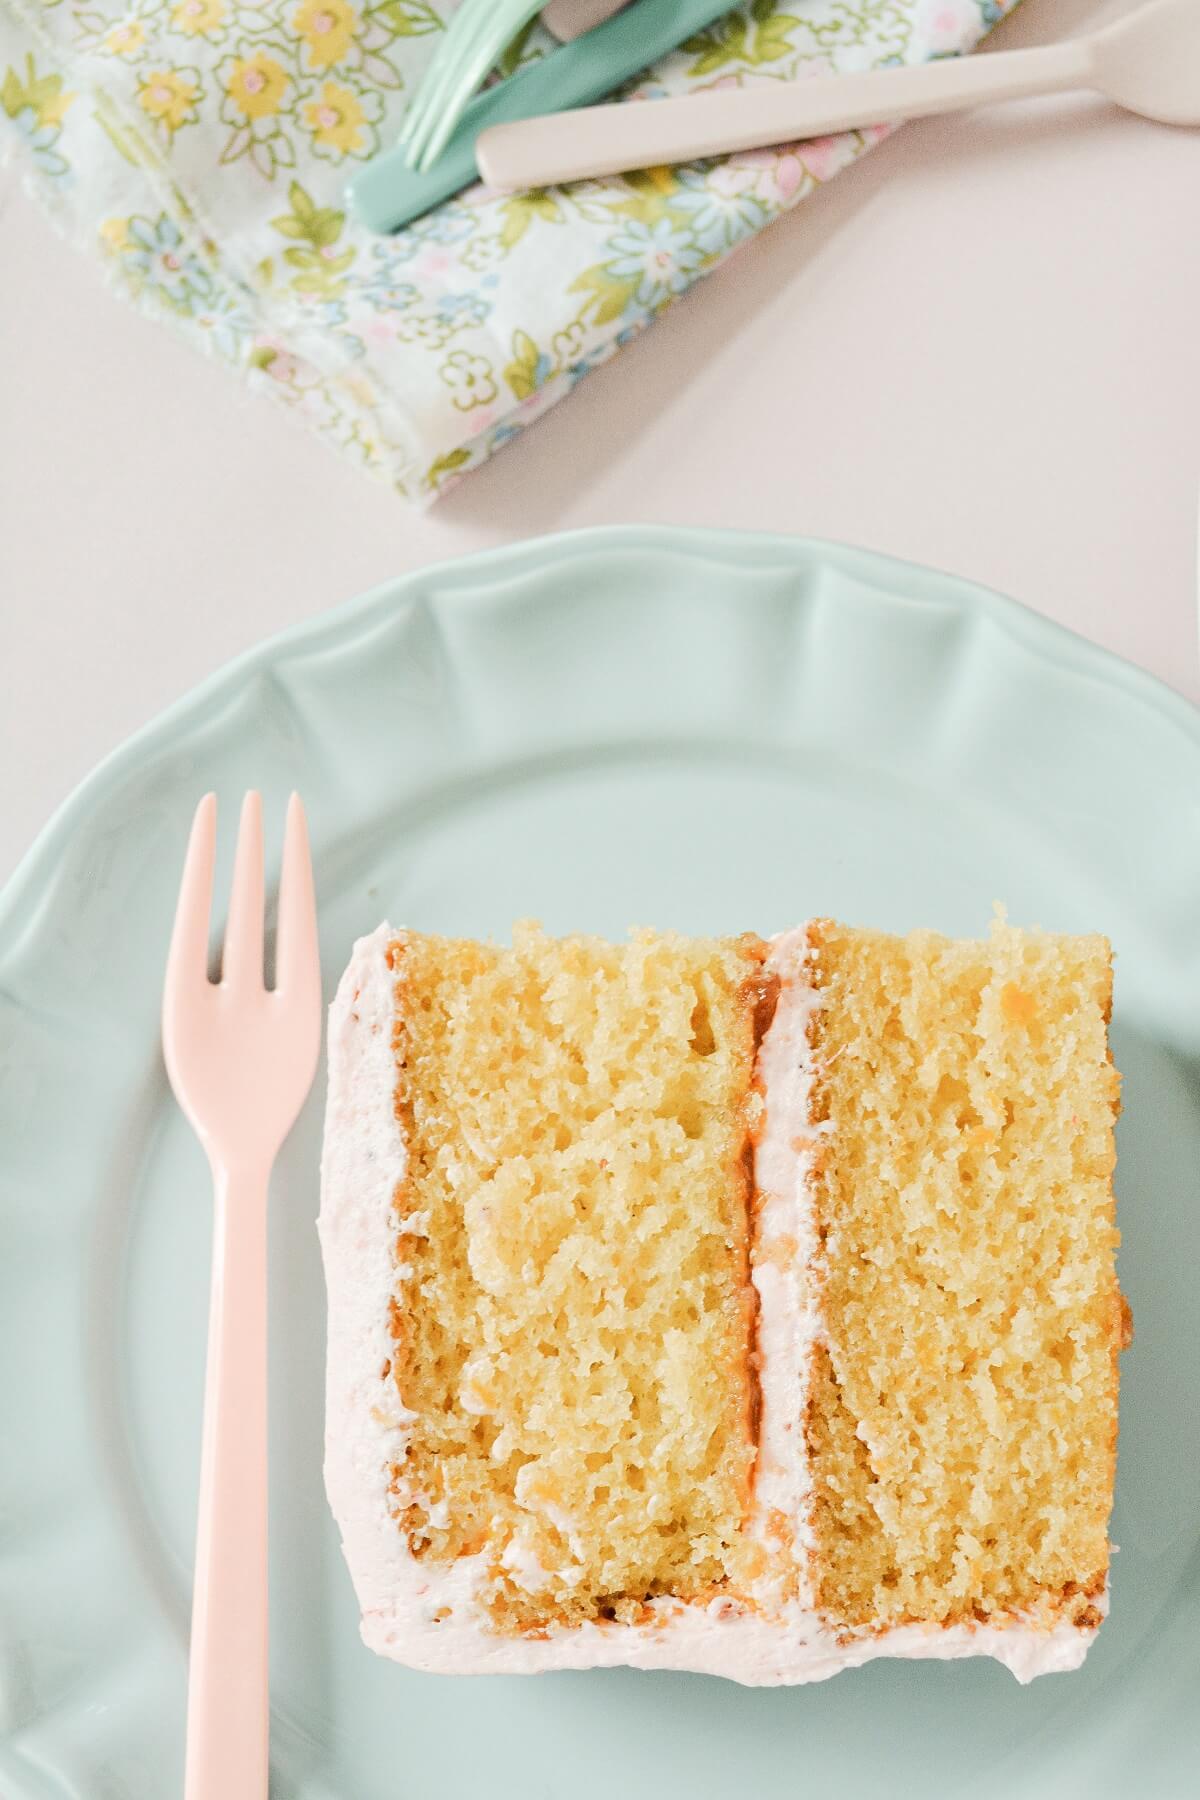 A slice of strawberry orange cake.